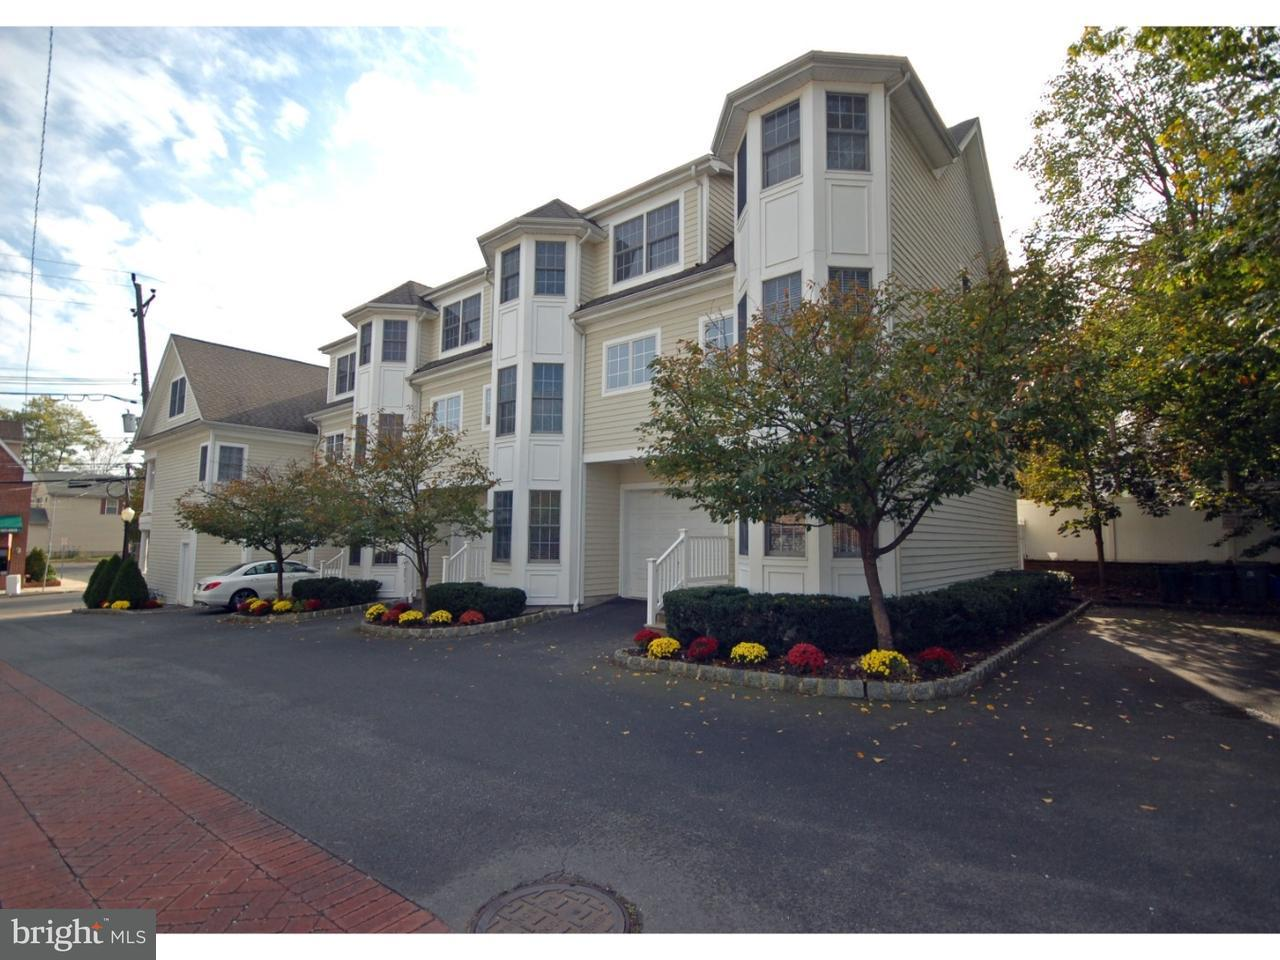 共管式独立产权公寓 为 出租 在 6 TORREY Lane 普林斯顿, 新泽西州 08540 美国在/周边: Princeton